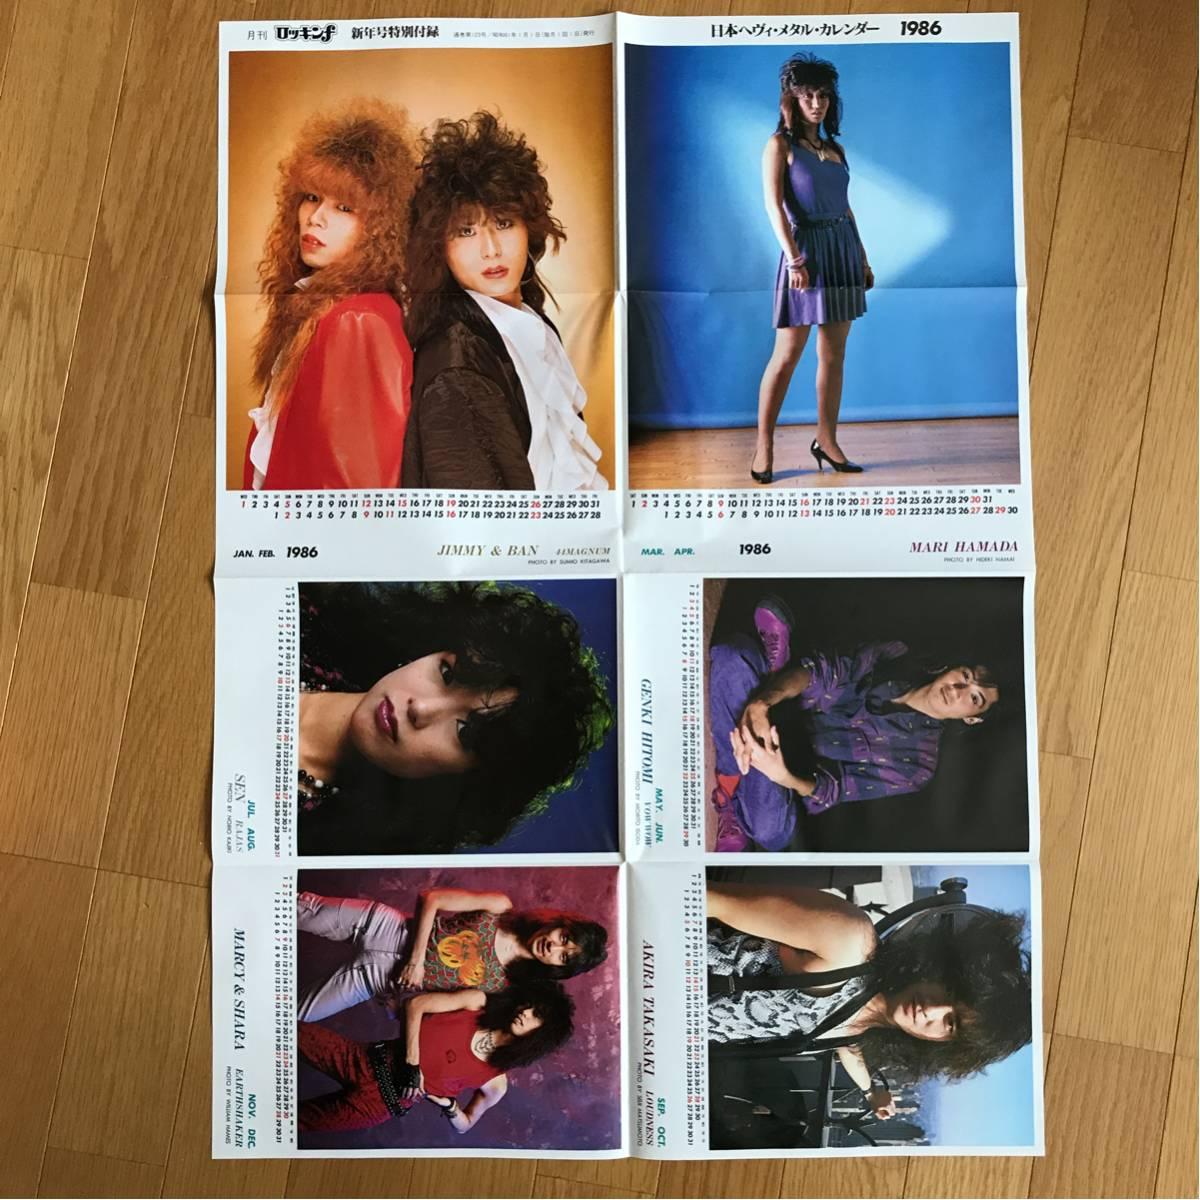 ジャパニーズ ヘビーメタル 折りたたみ ポスター カレンダー 1986 ロッキンf 浜田麻里 44マグナム バウワウ ラウドネス ラジャス